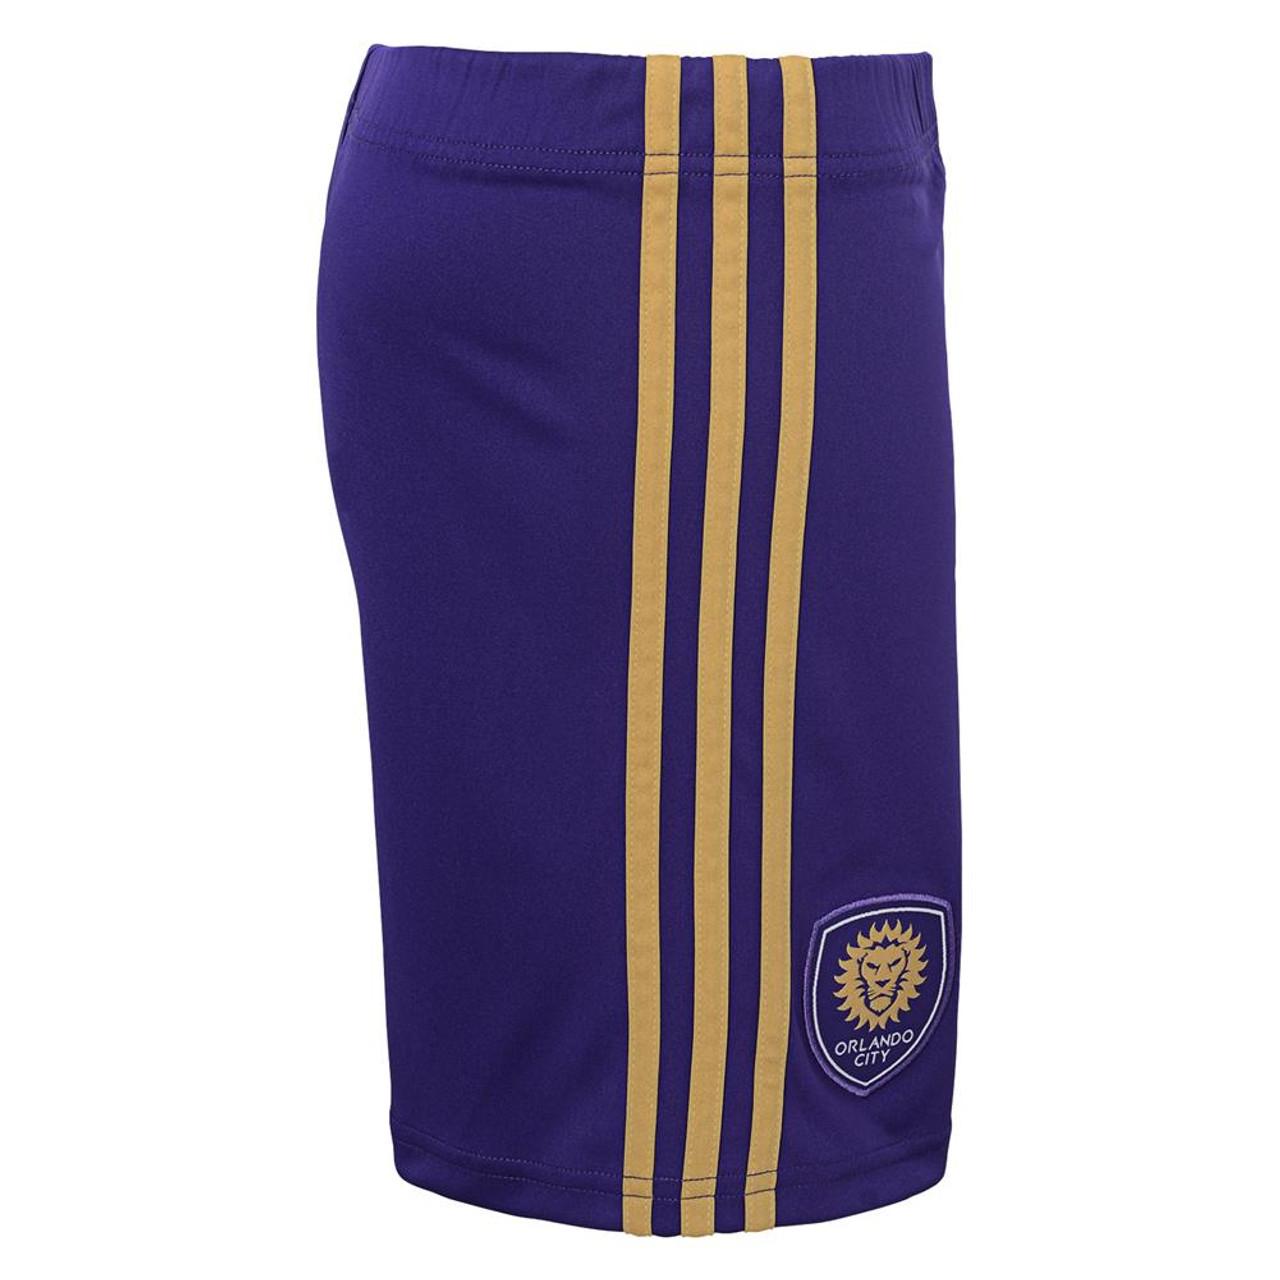 Youth D.C. United Shorts Adidas Primary Gym Shorts